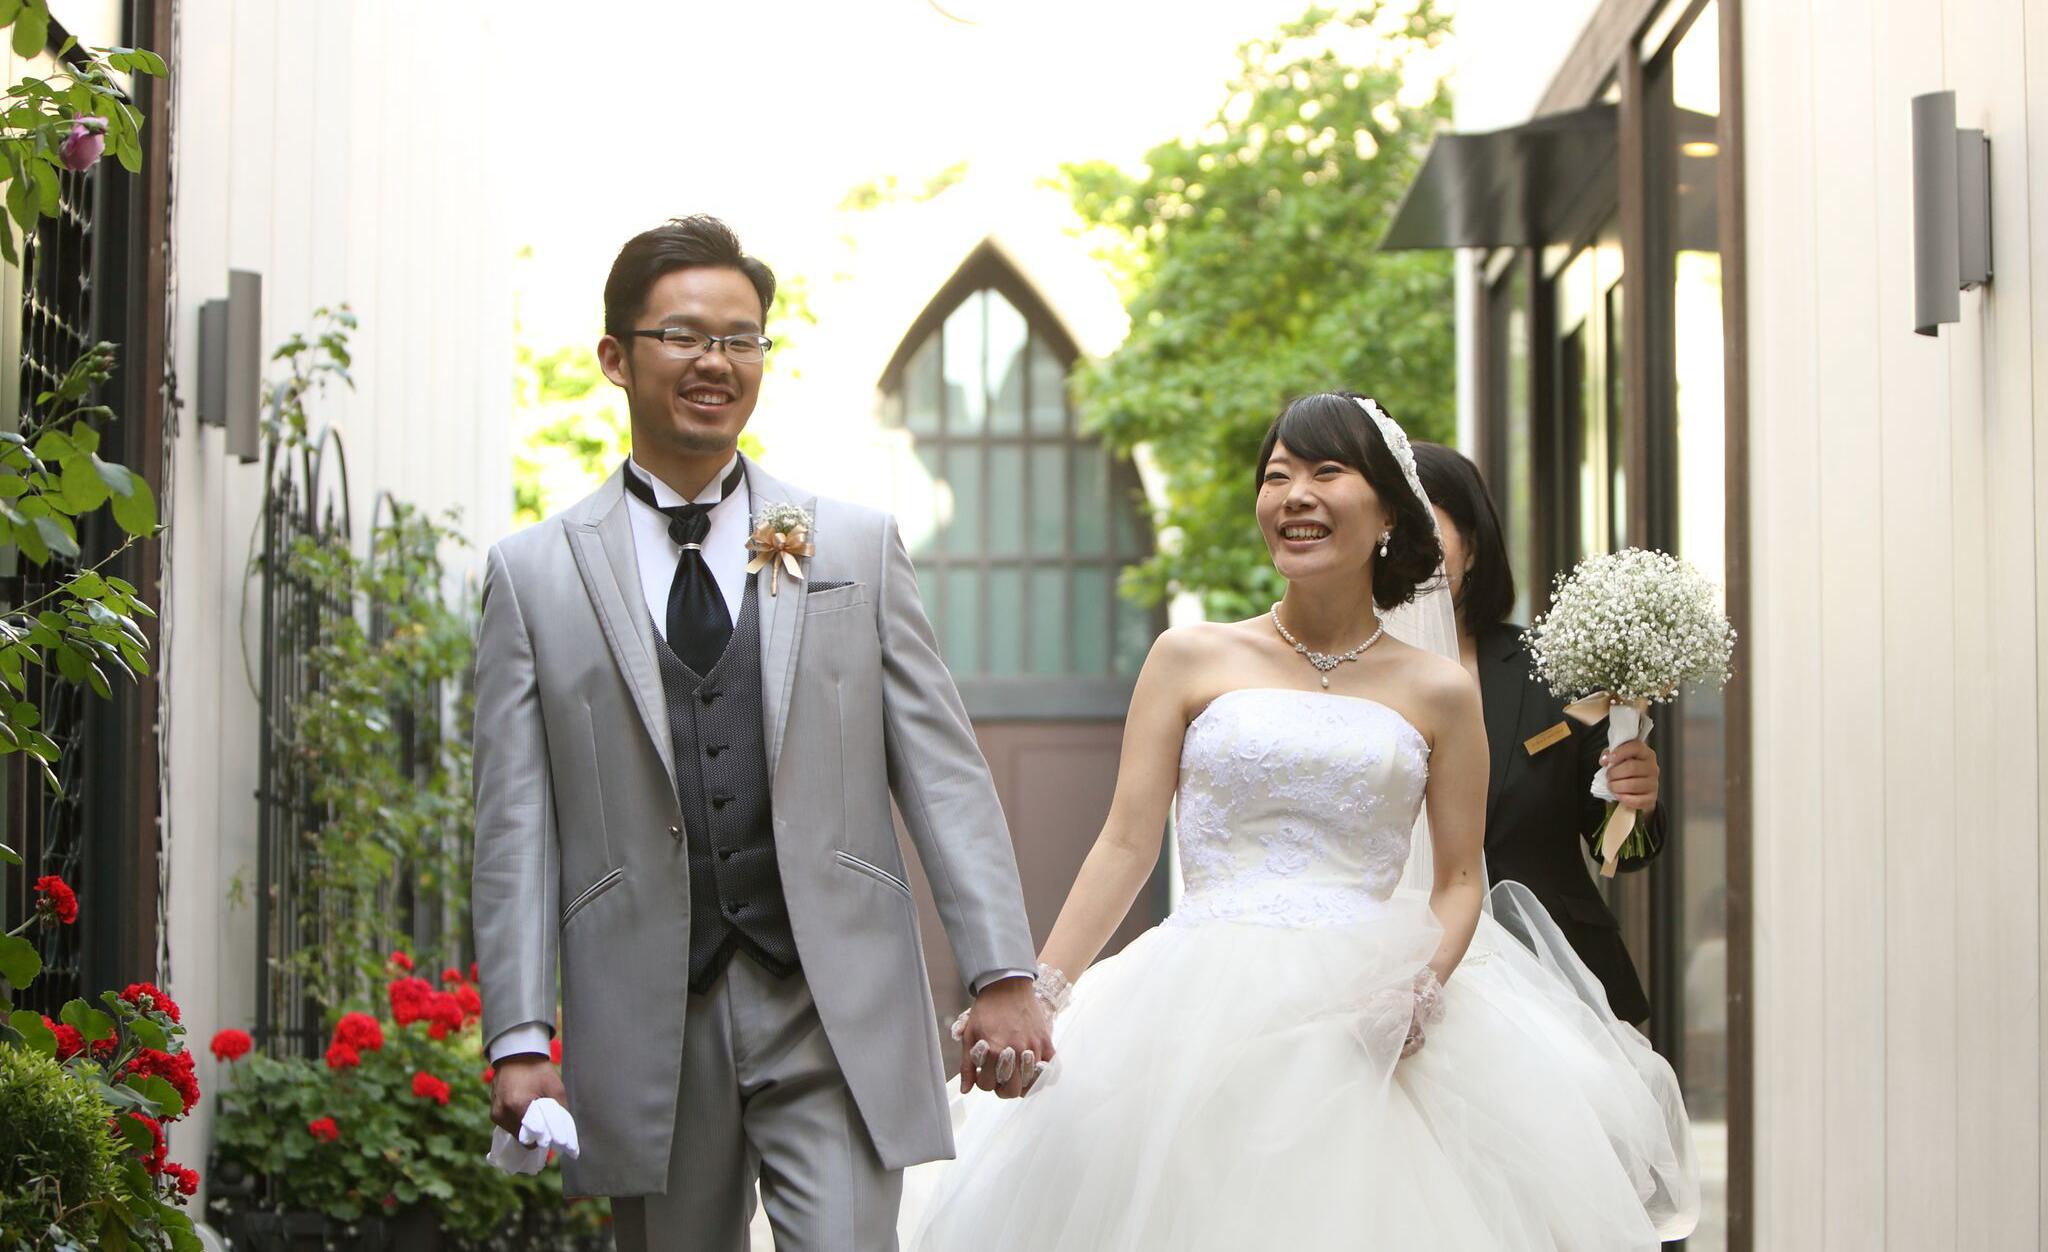 私達が、南青山サンタキアラ教会で結婚式を挙げた理由と感想。素敵なウェディングを!